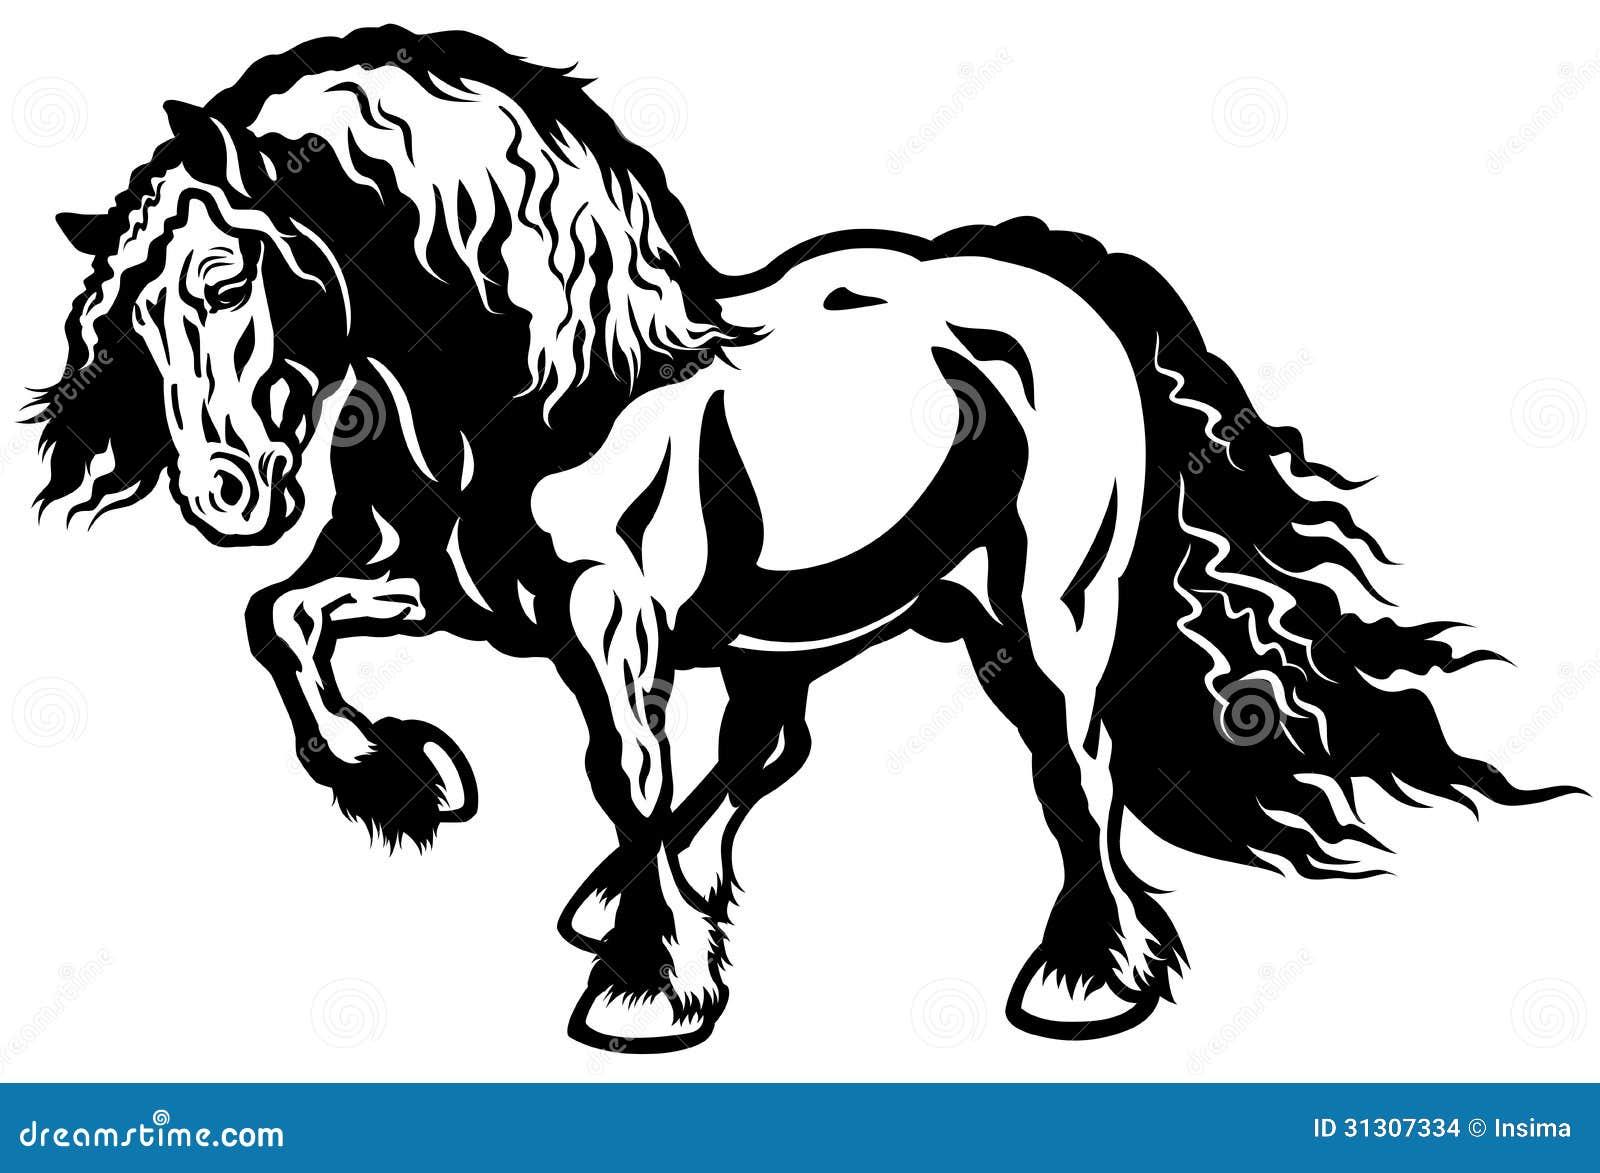 Draft horse stock vector Illustration of veterinary